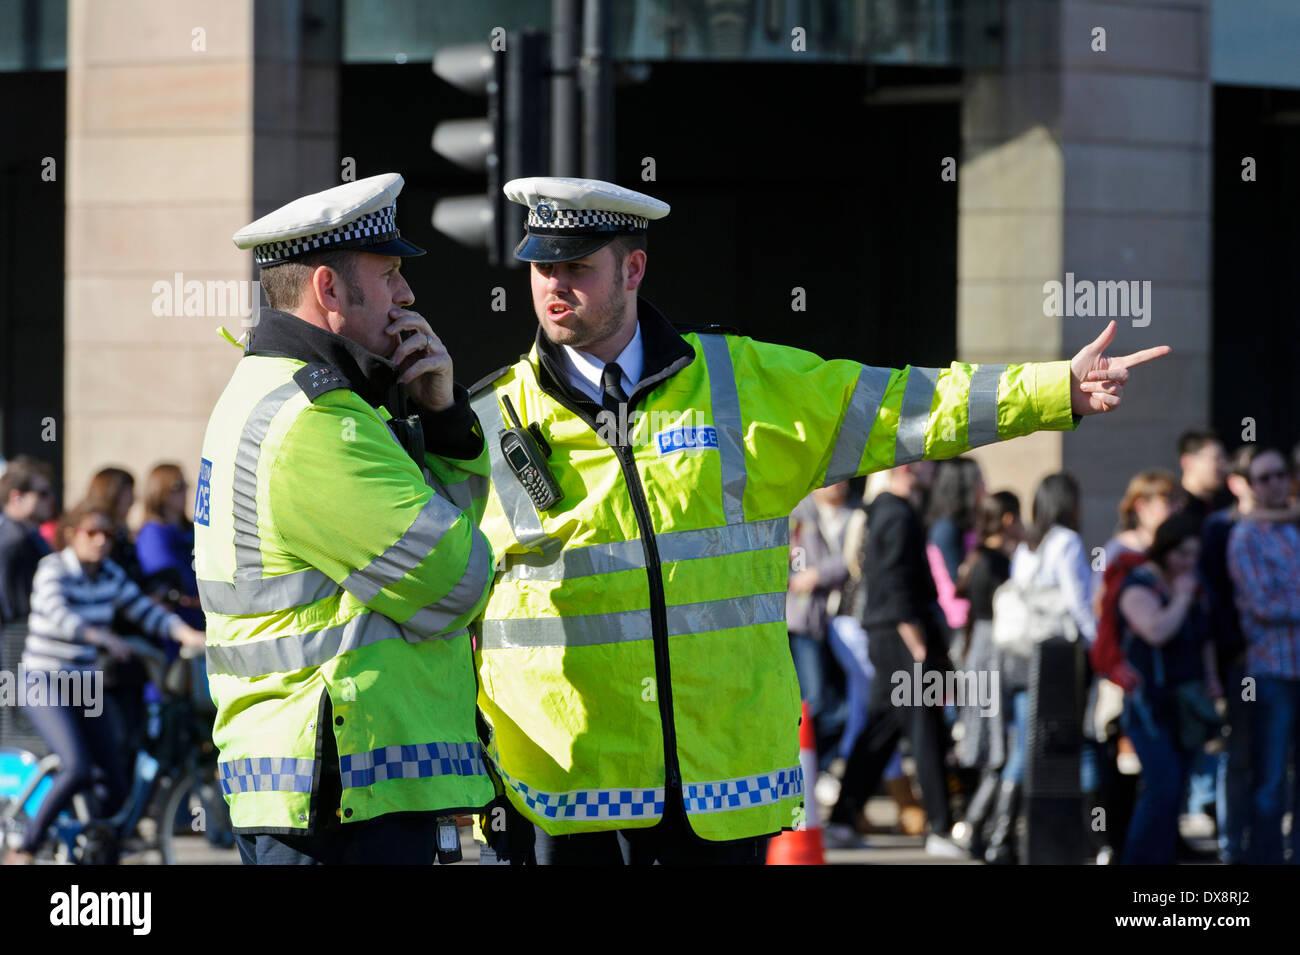 Dos funcionarios de la Policía de Tránsito Metropolitano uniforme hablando de una situación, Londres, Inglaterra, Reino Unido. Imagen De Stock